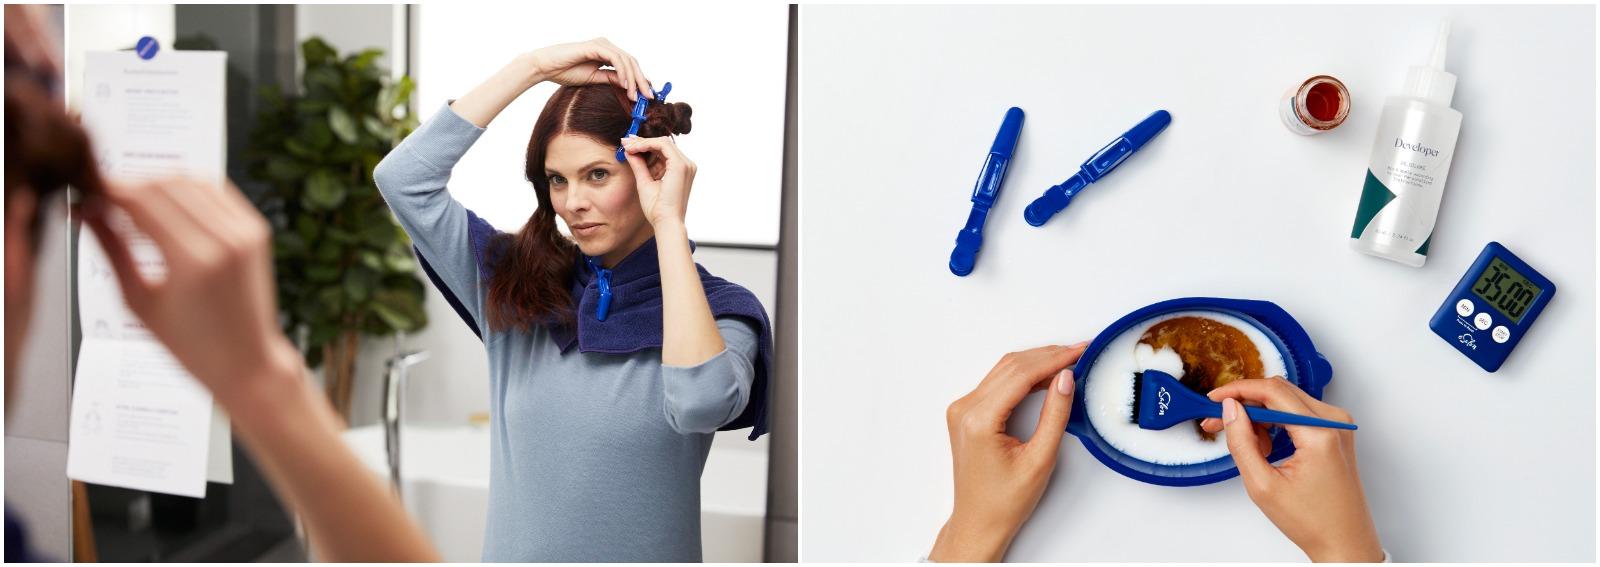 ricrescita-capelli-a-casa-cover desktop